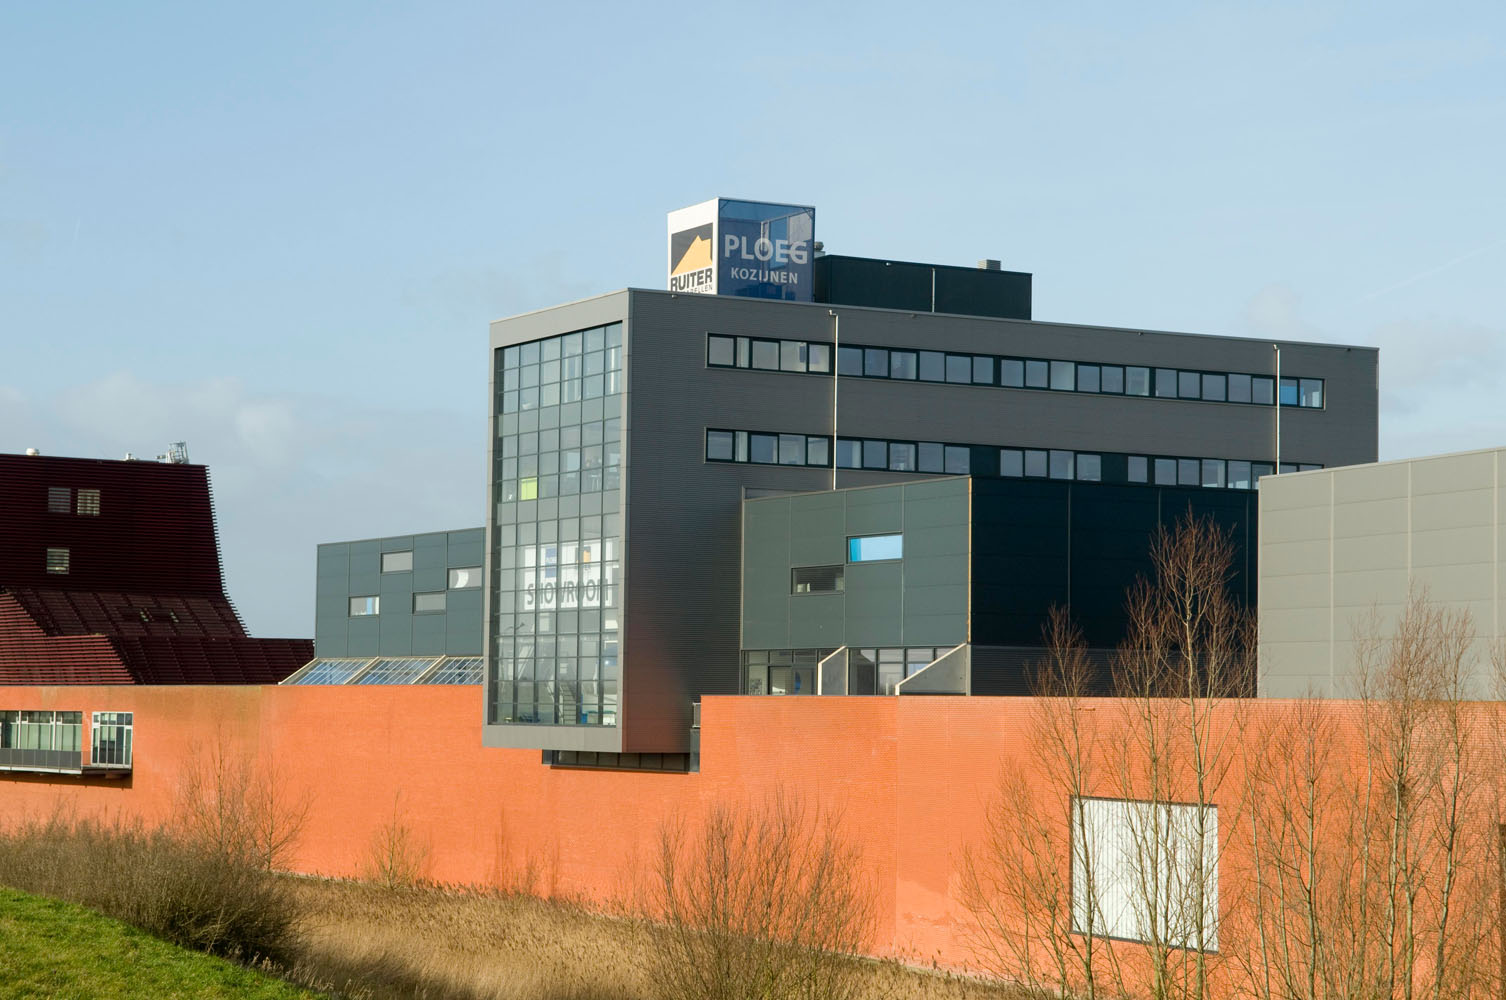 Niestadt-fotografie-Schoonhoven-JG-Systeembouw-Ploeg-kozijnen-nieuw-vennep